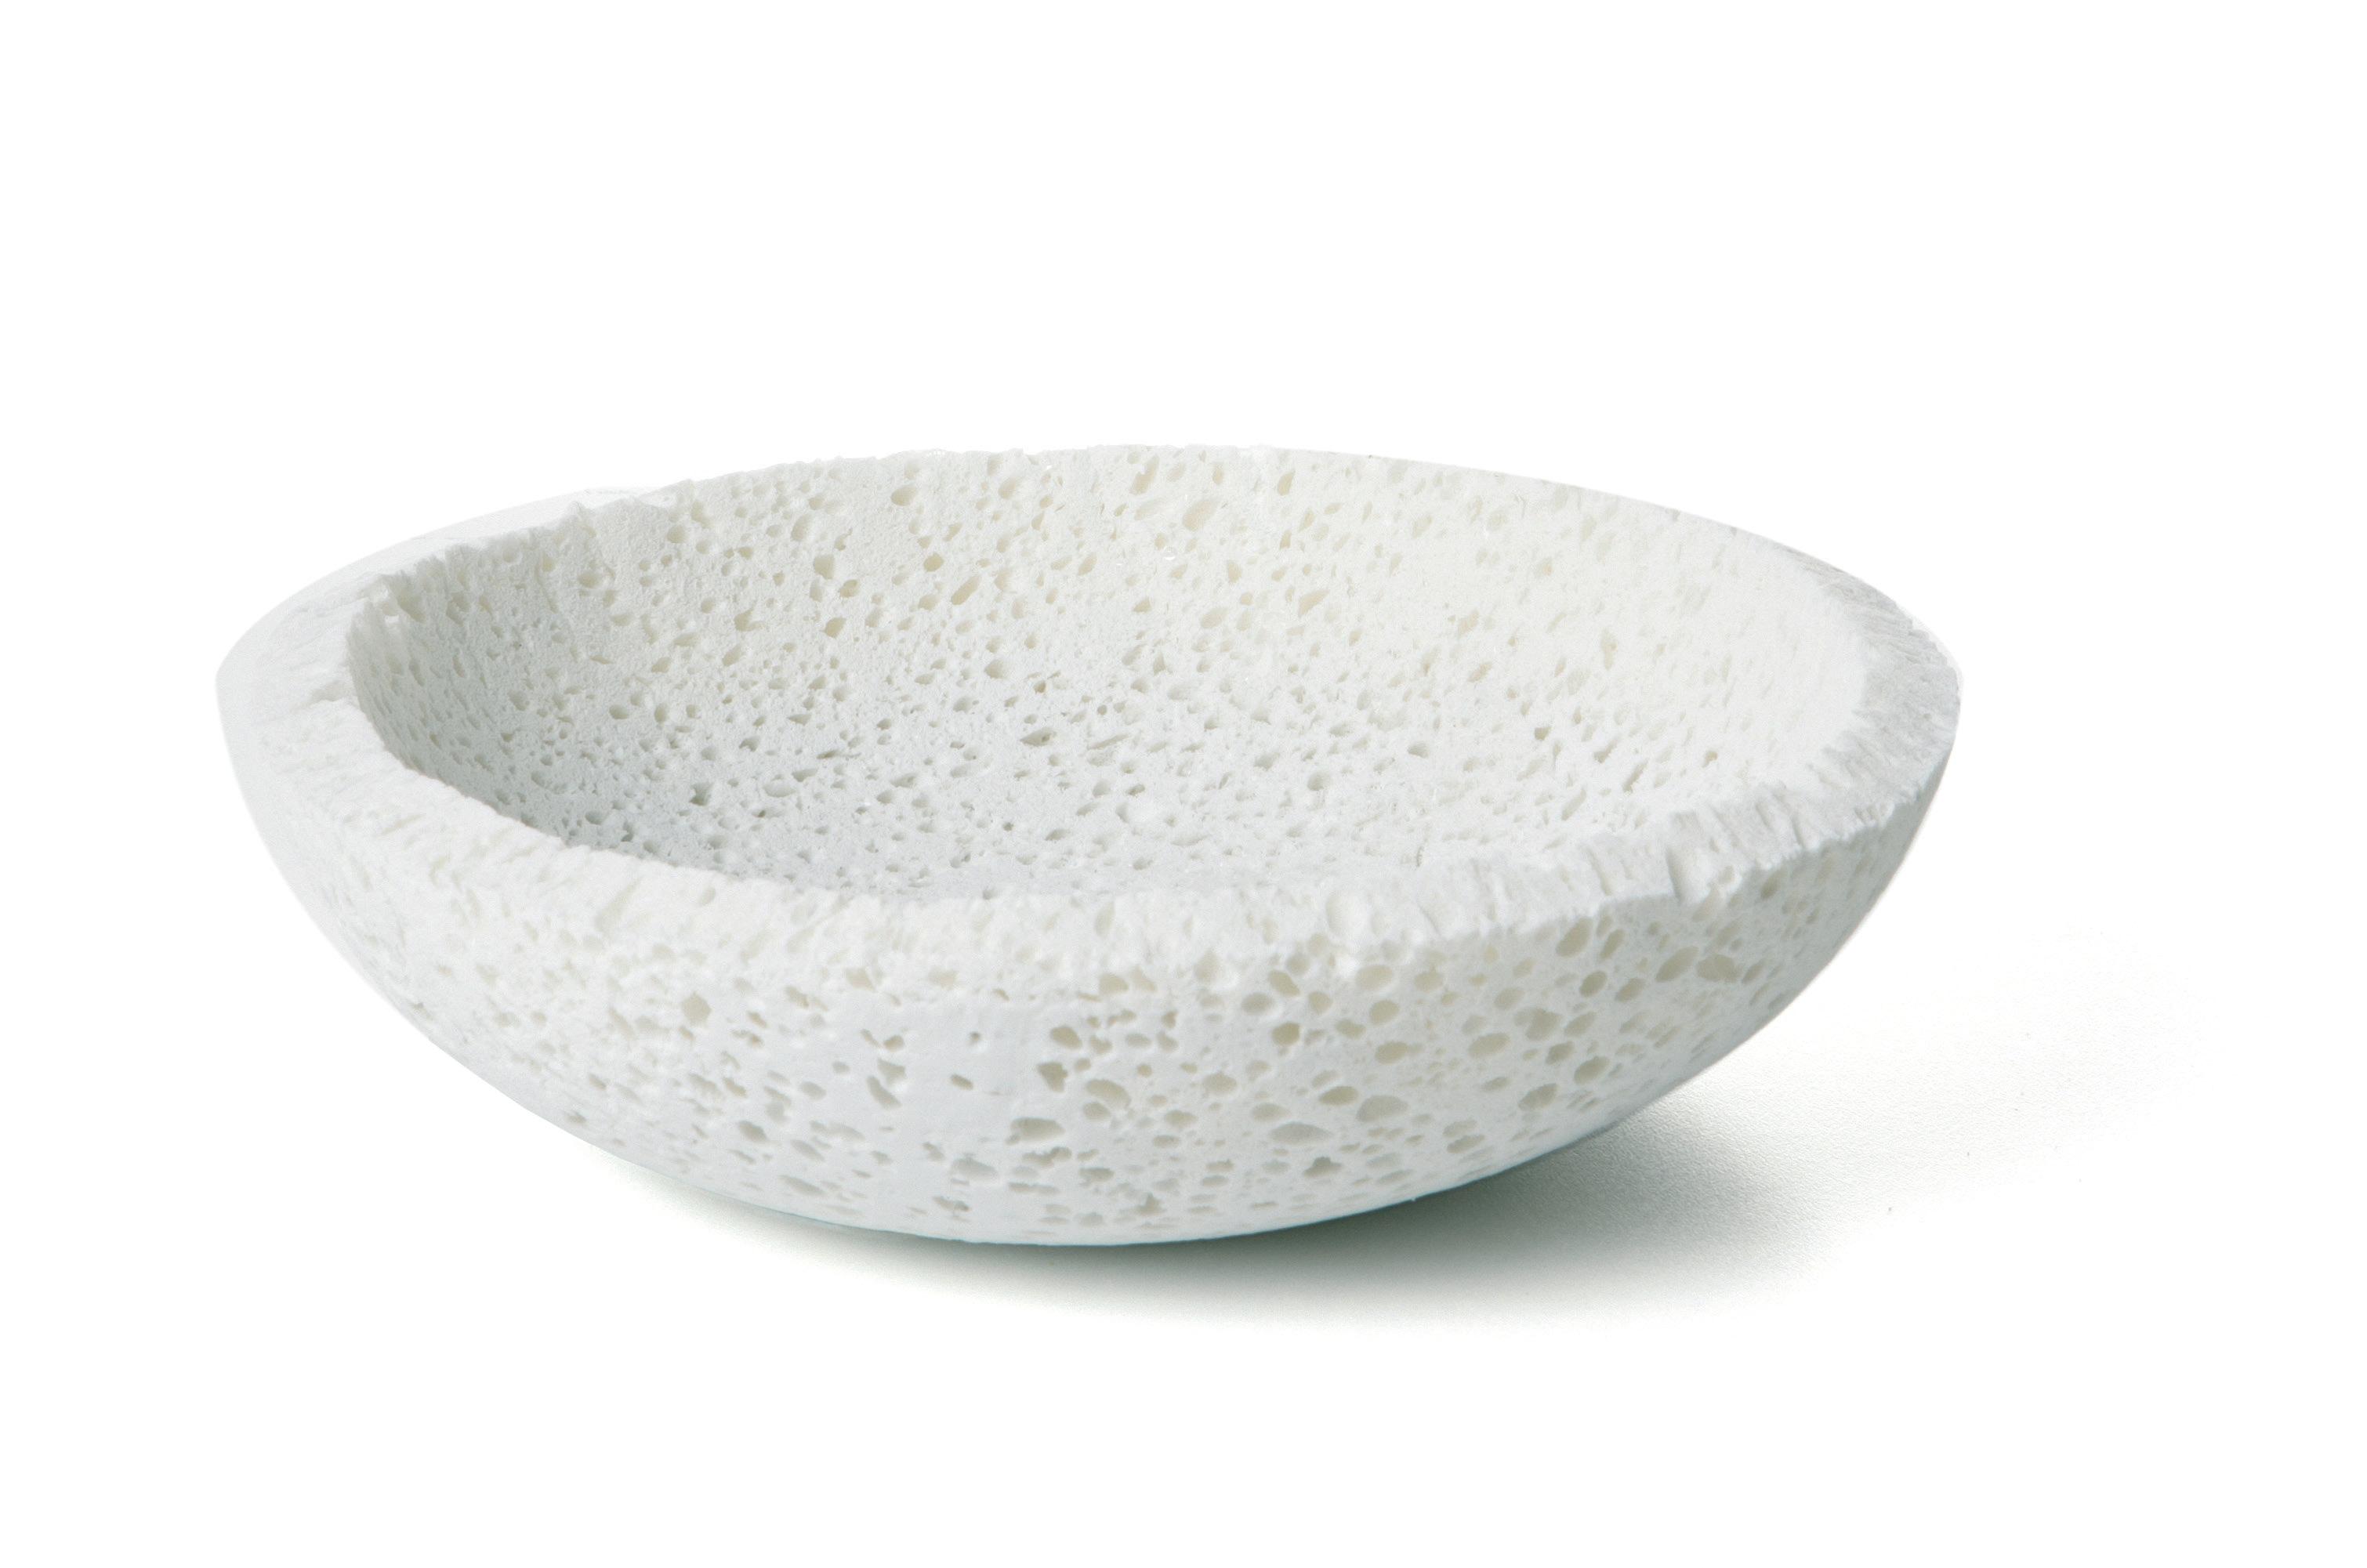 Marcel Wanders Foam Bowl